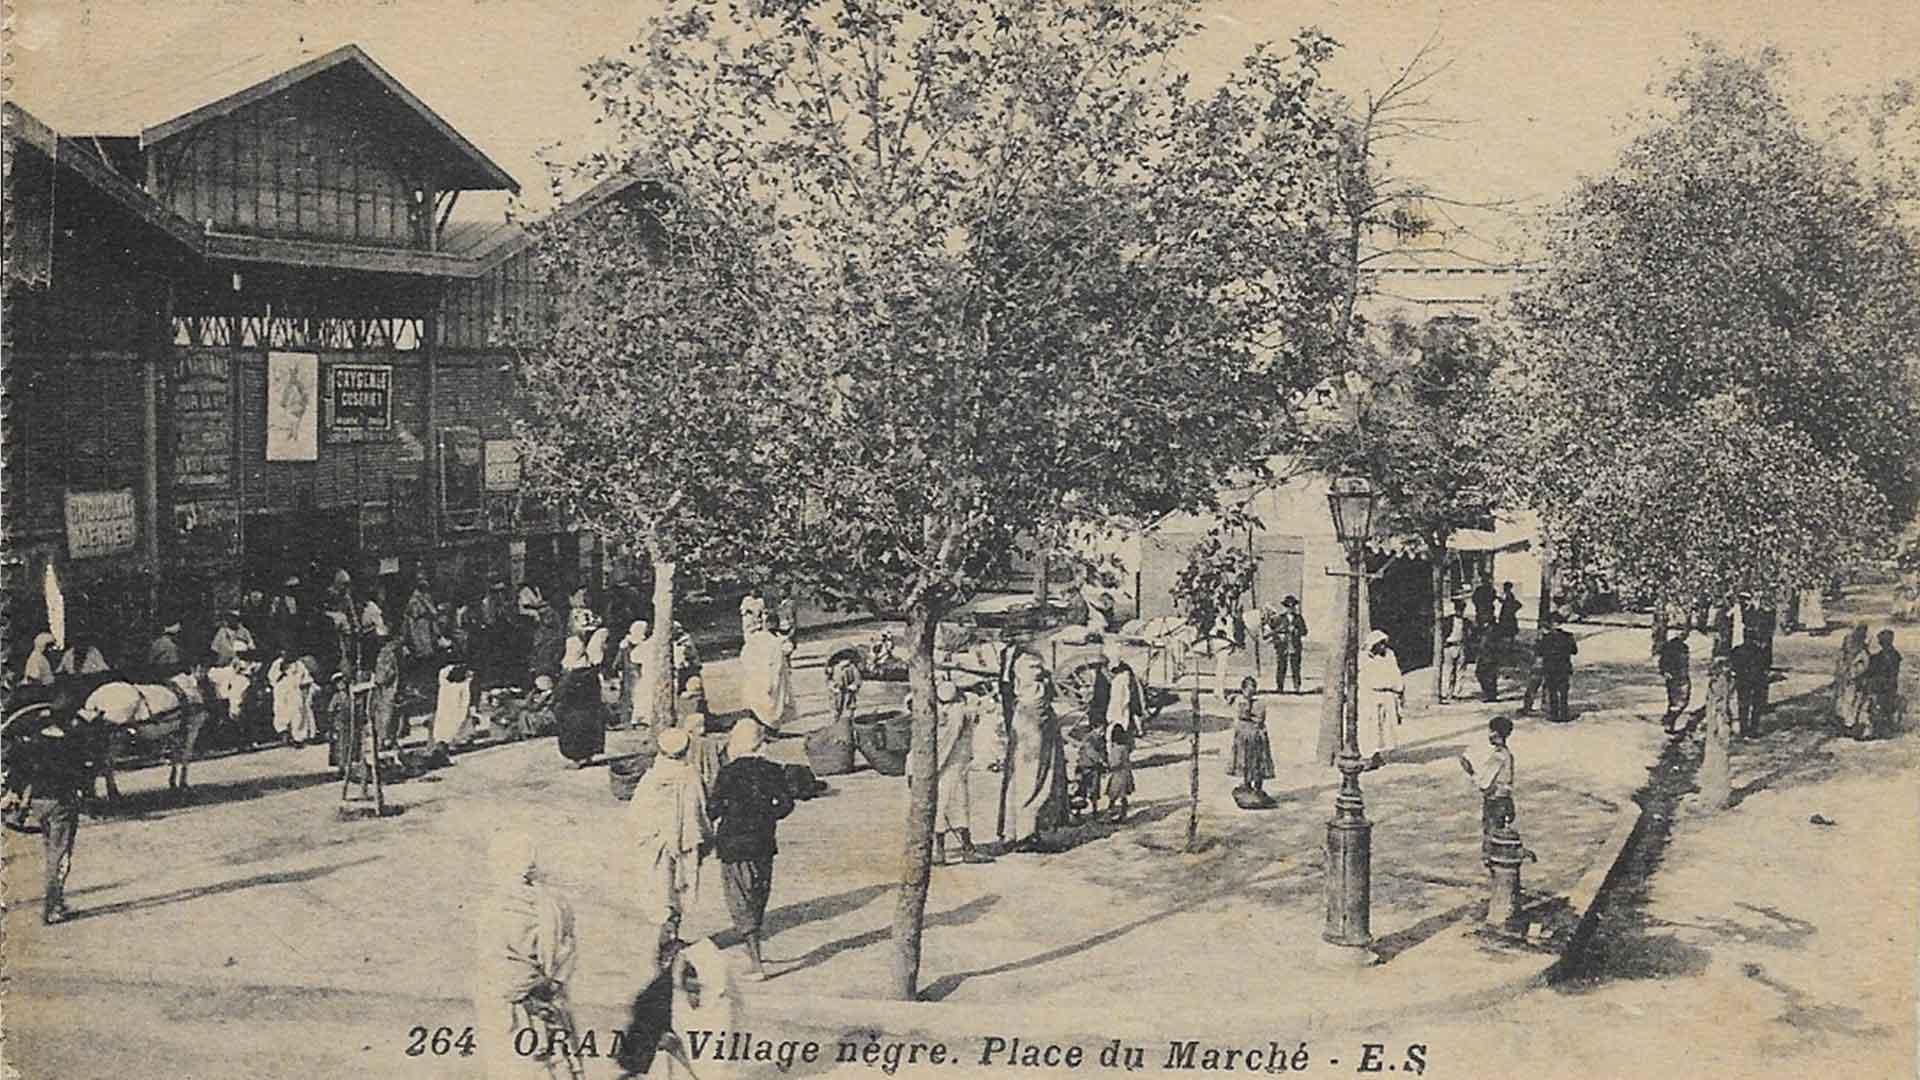 Oran-Village-Negre-Marche